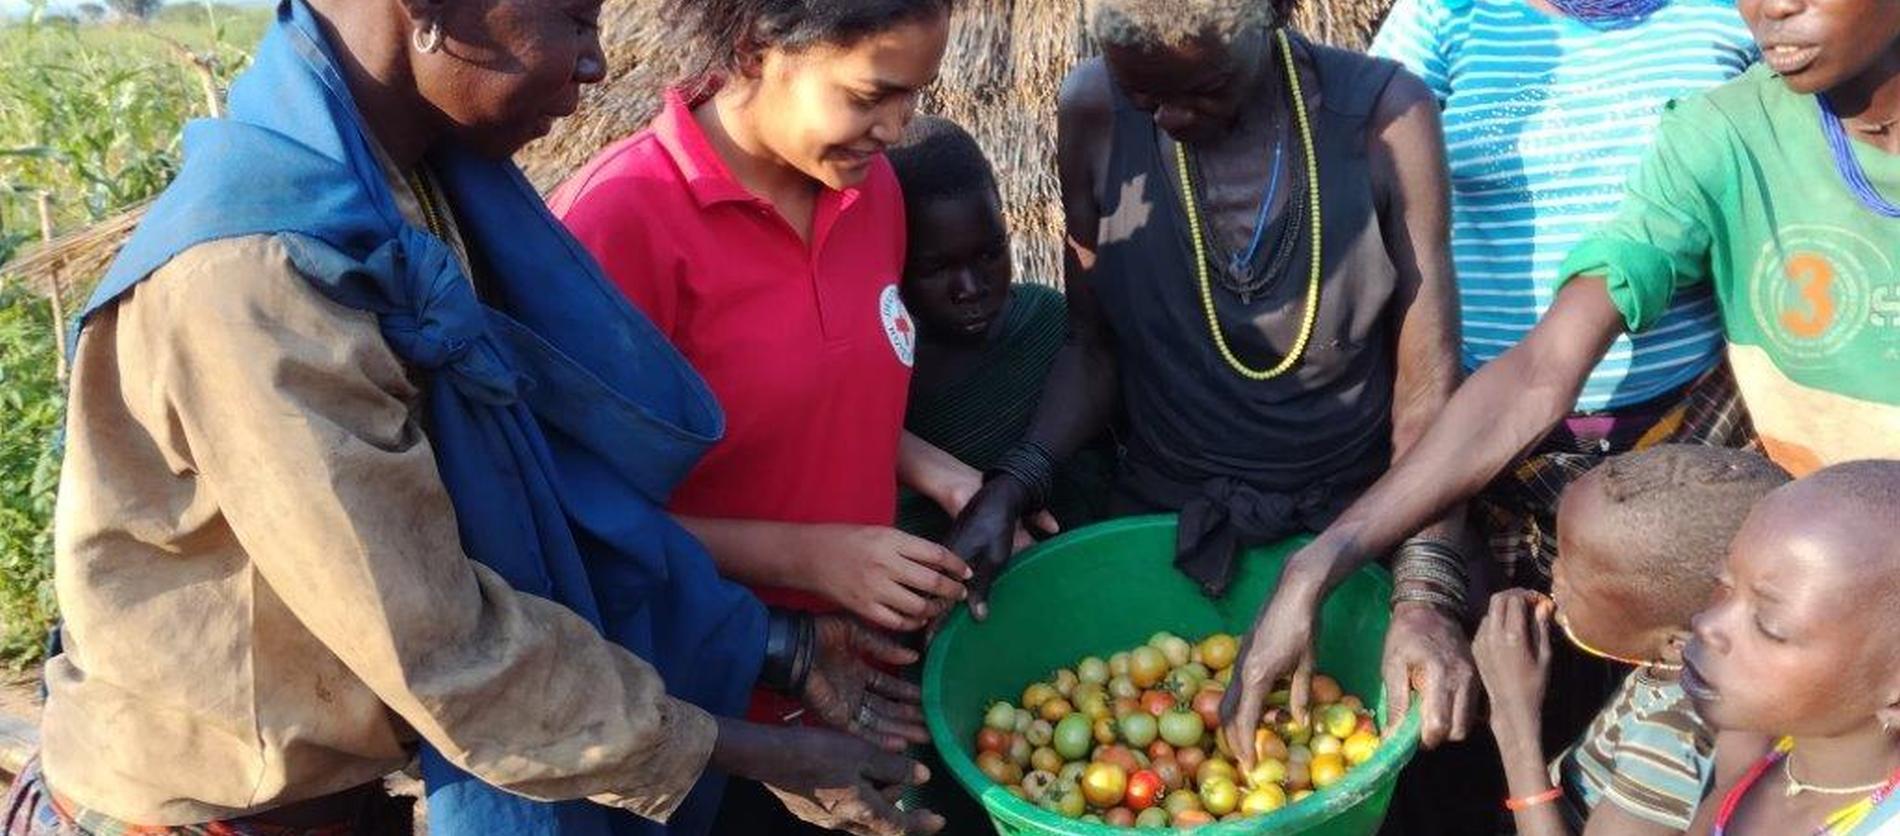 Gruppe mit geernteten Tomaten